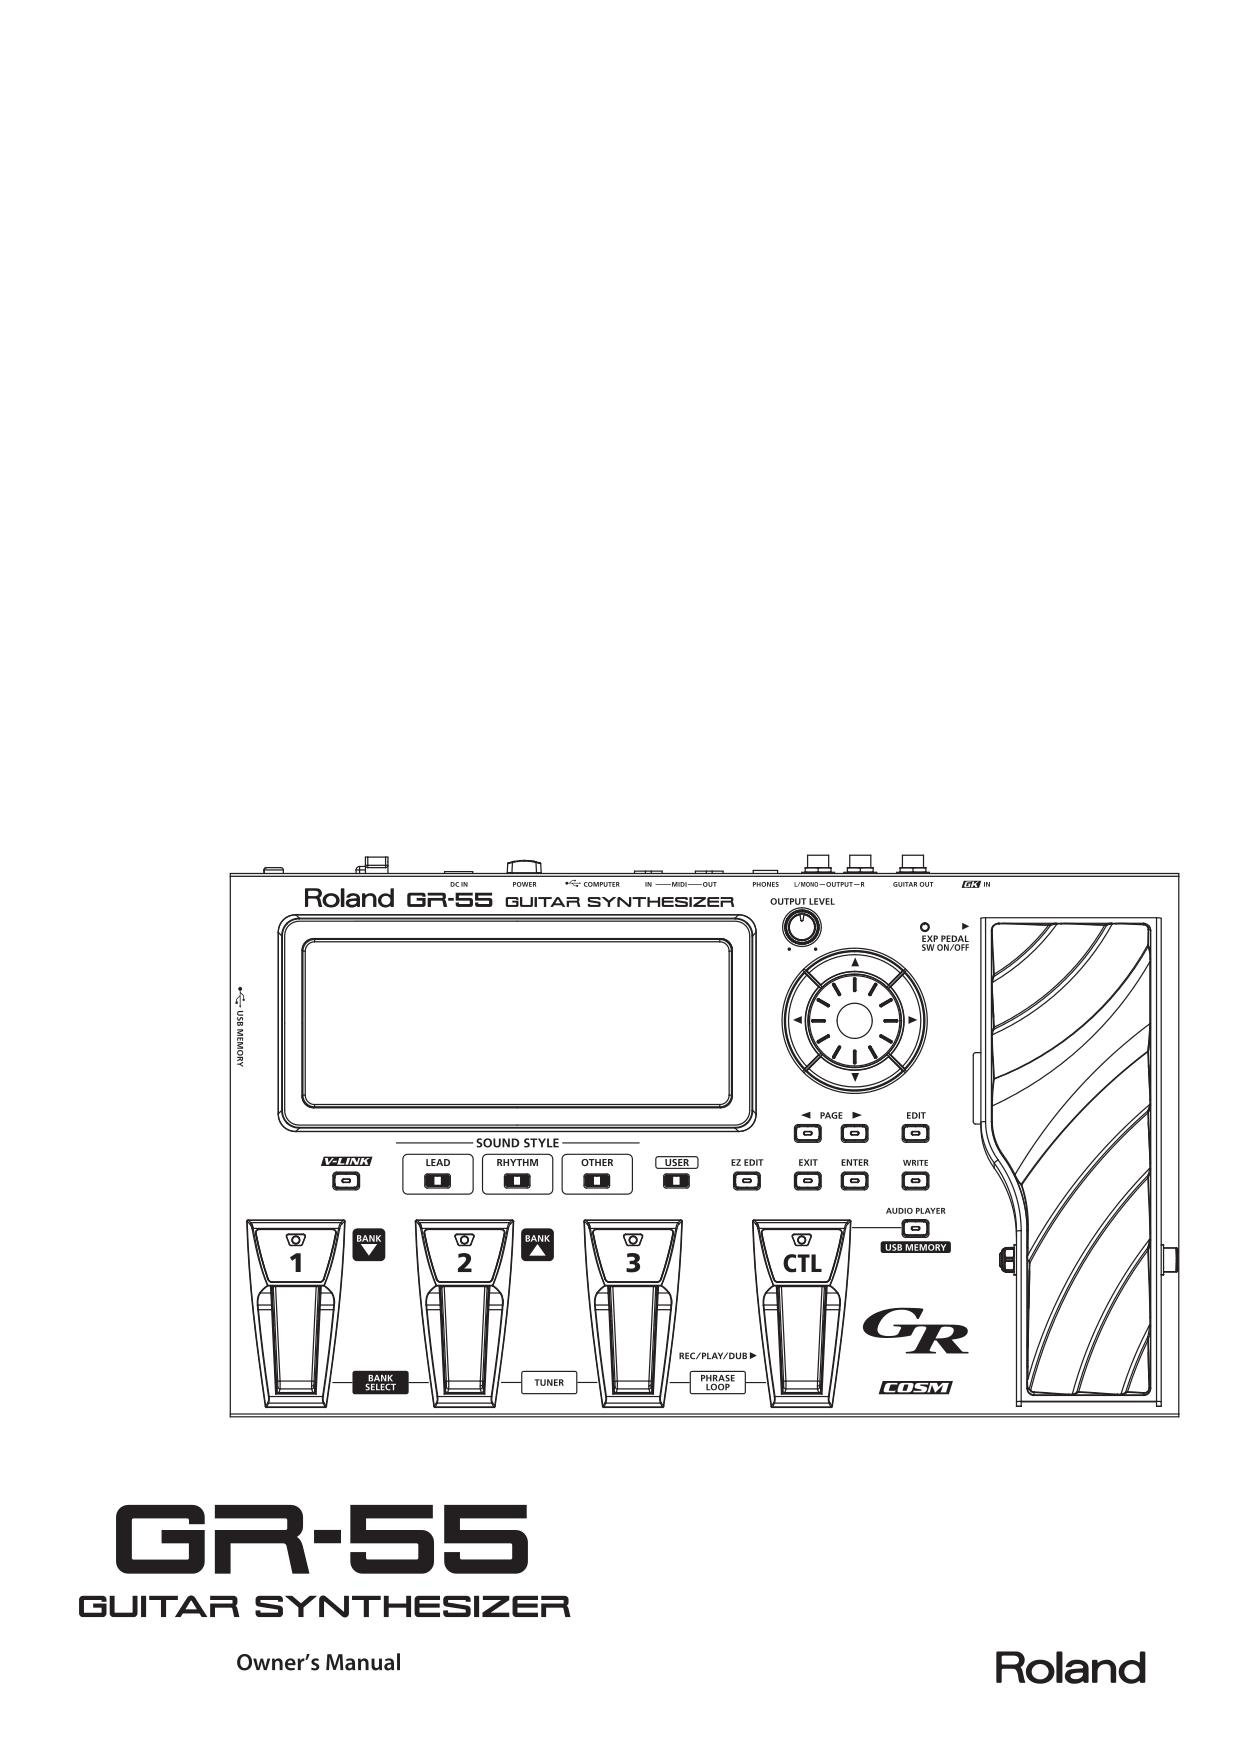 инструкция для roland gr 55 на русском